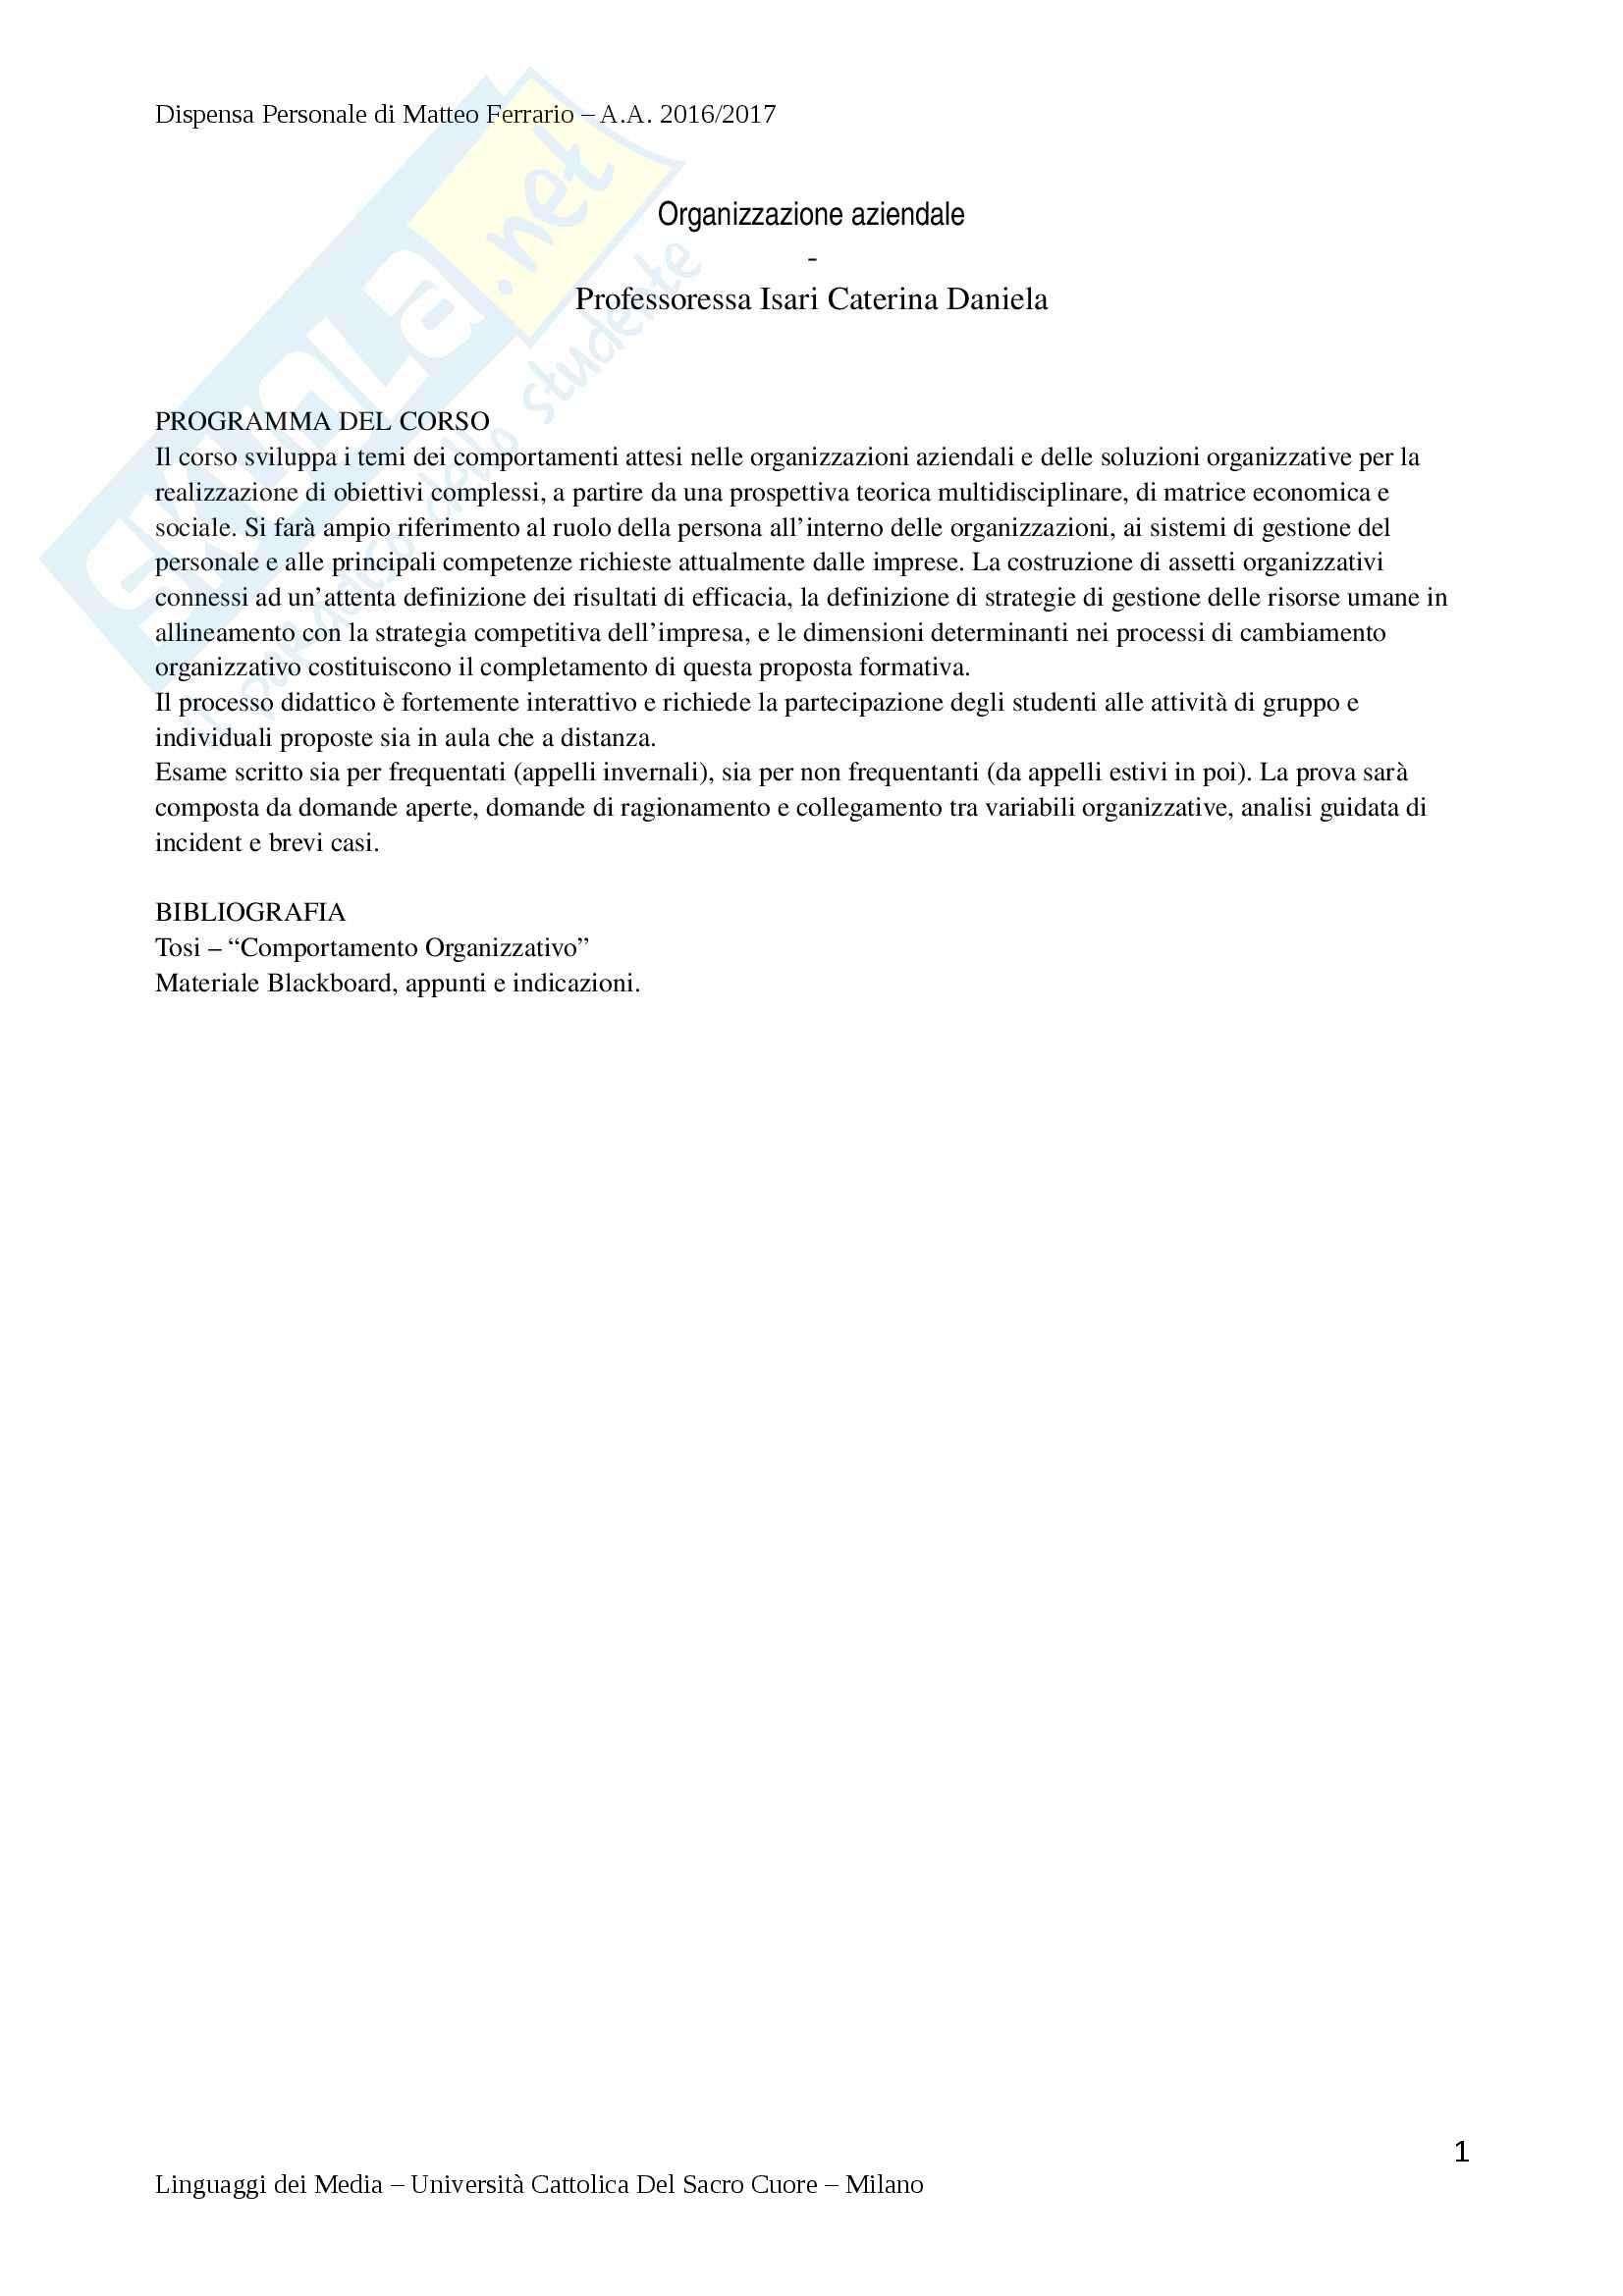 Riassunto Esame di Organizzazione Aziendale - Prof. Isari